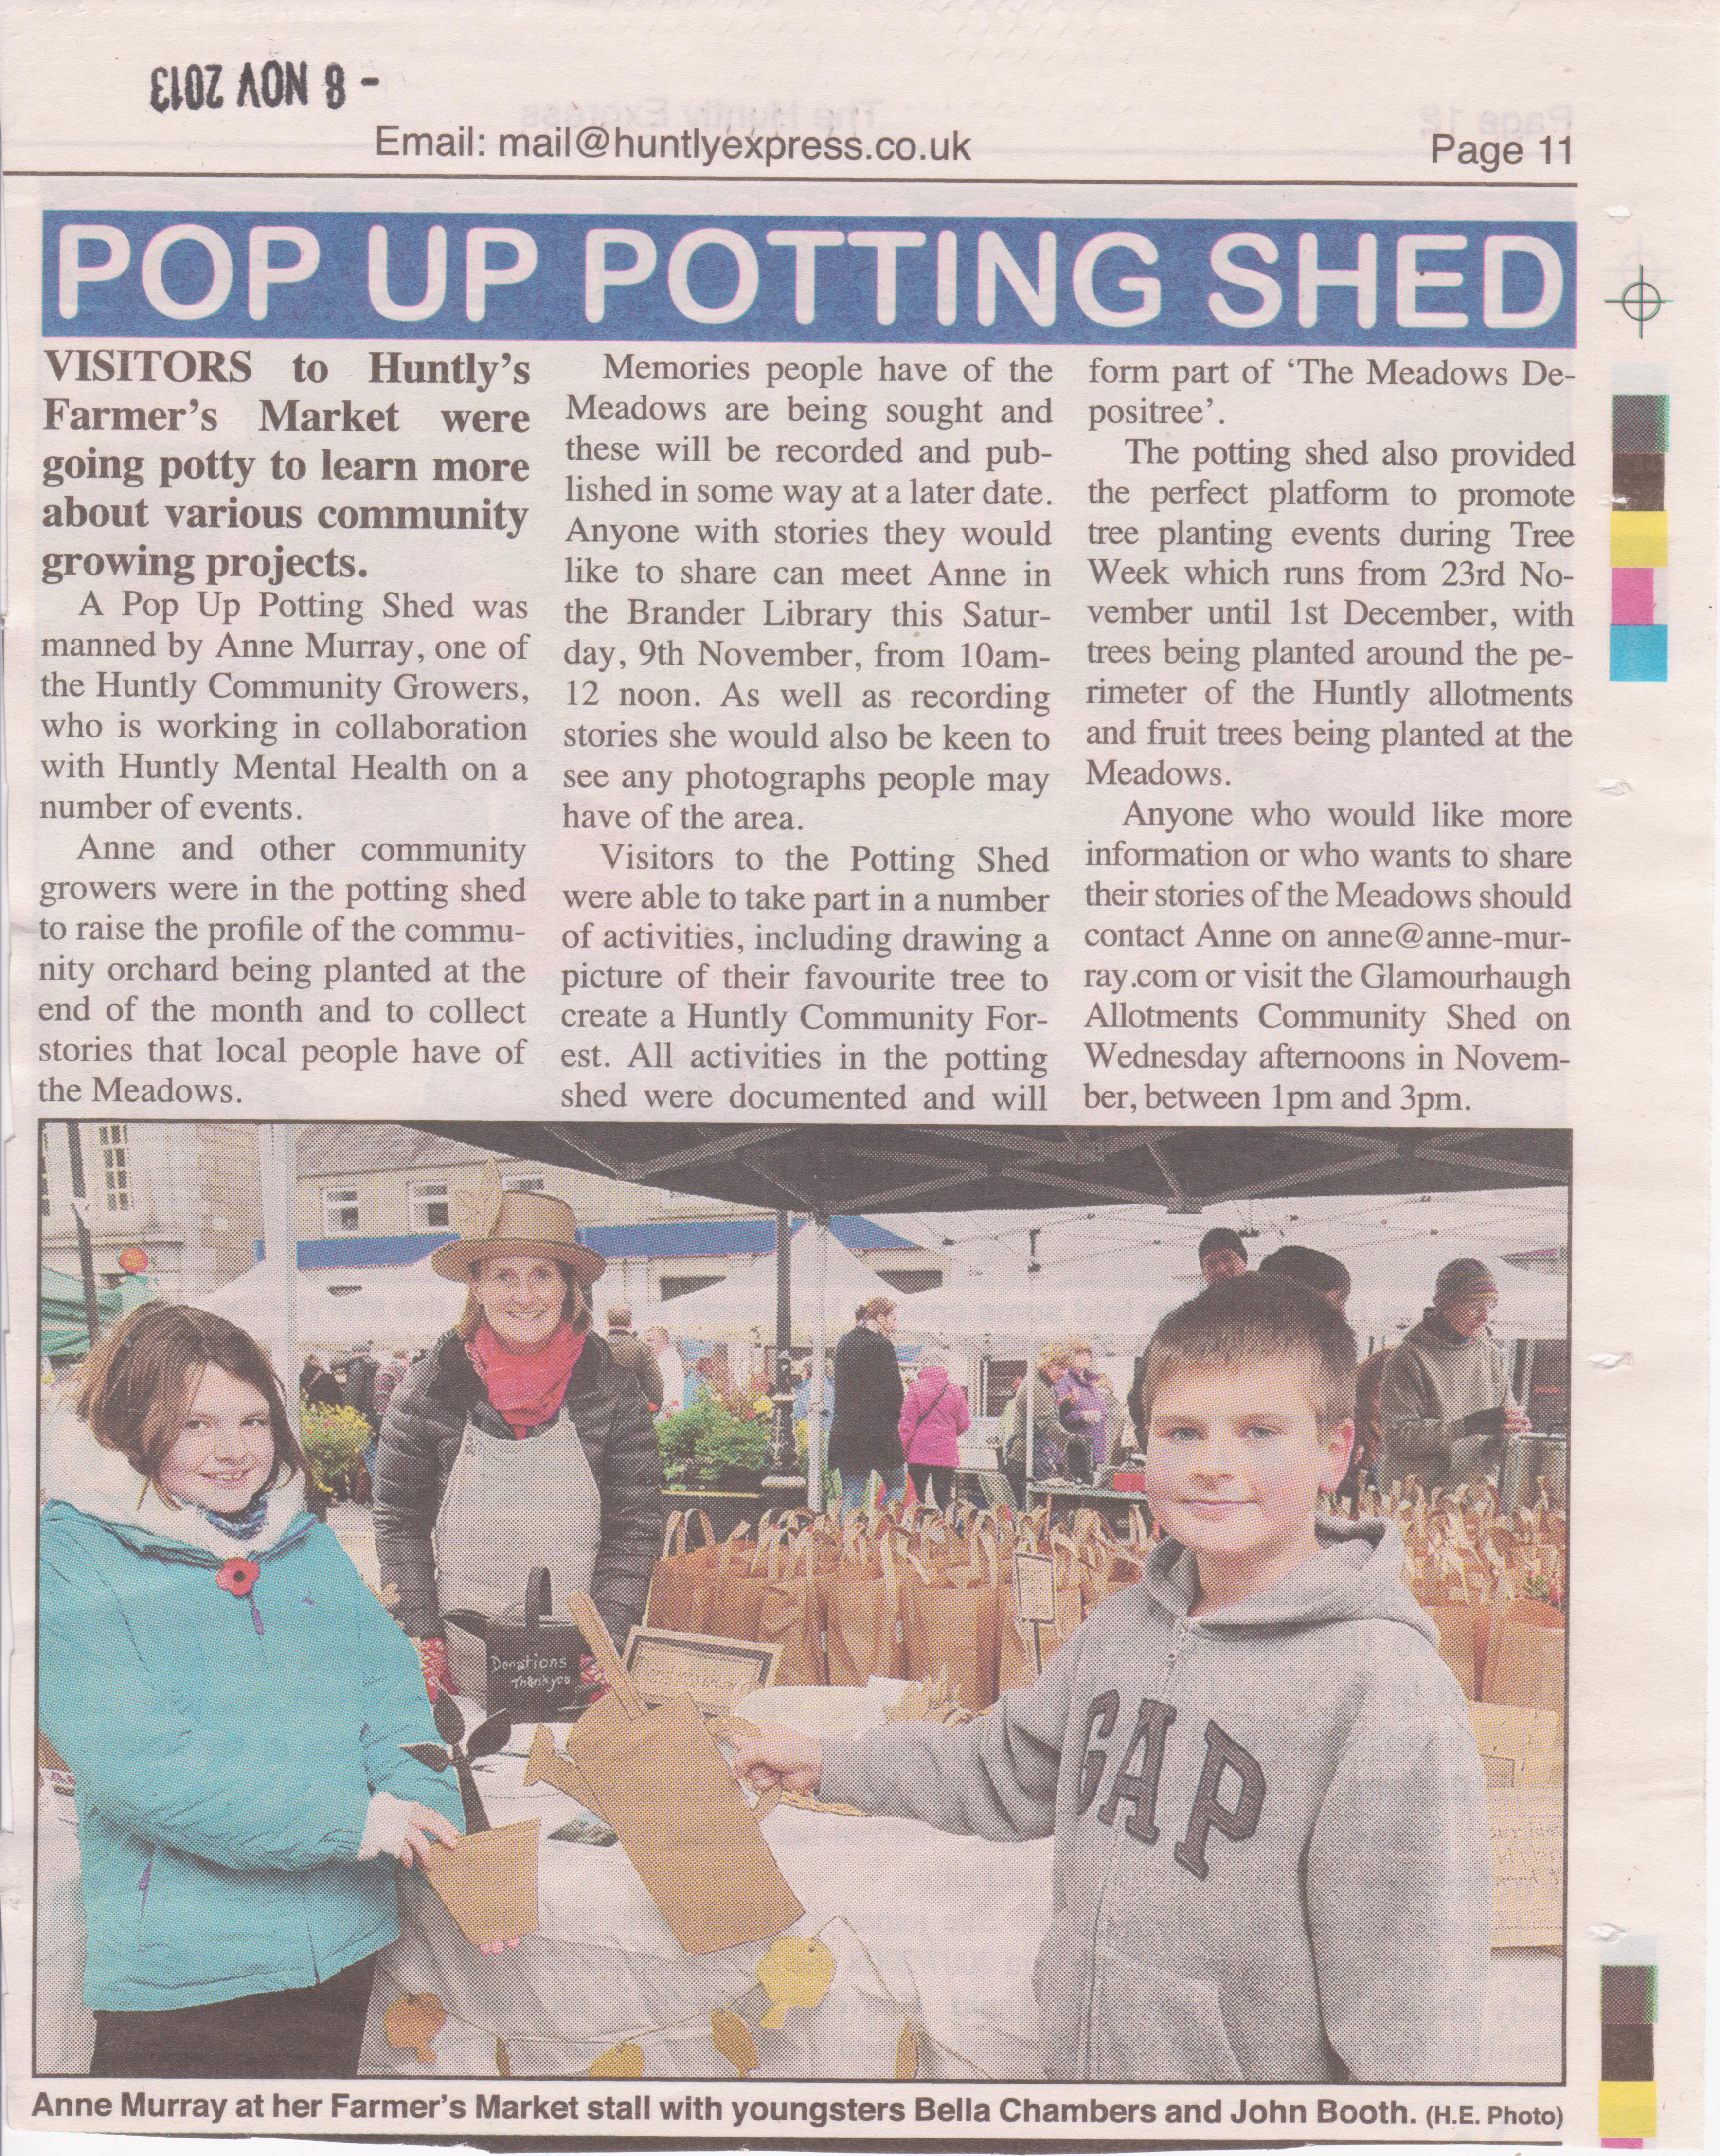 pop up potting shed.jpg